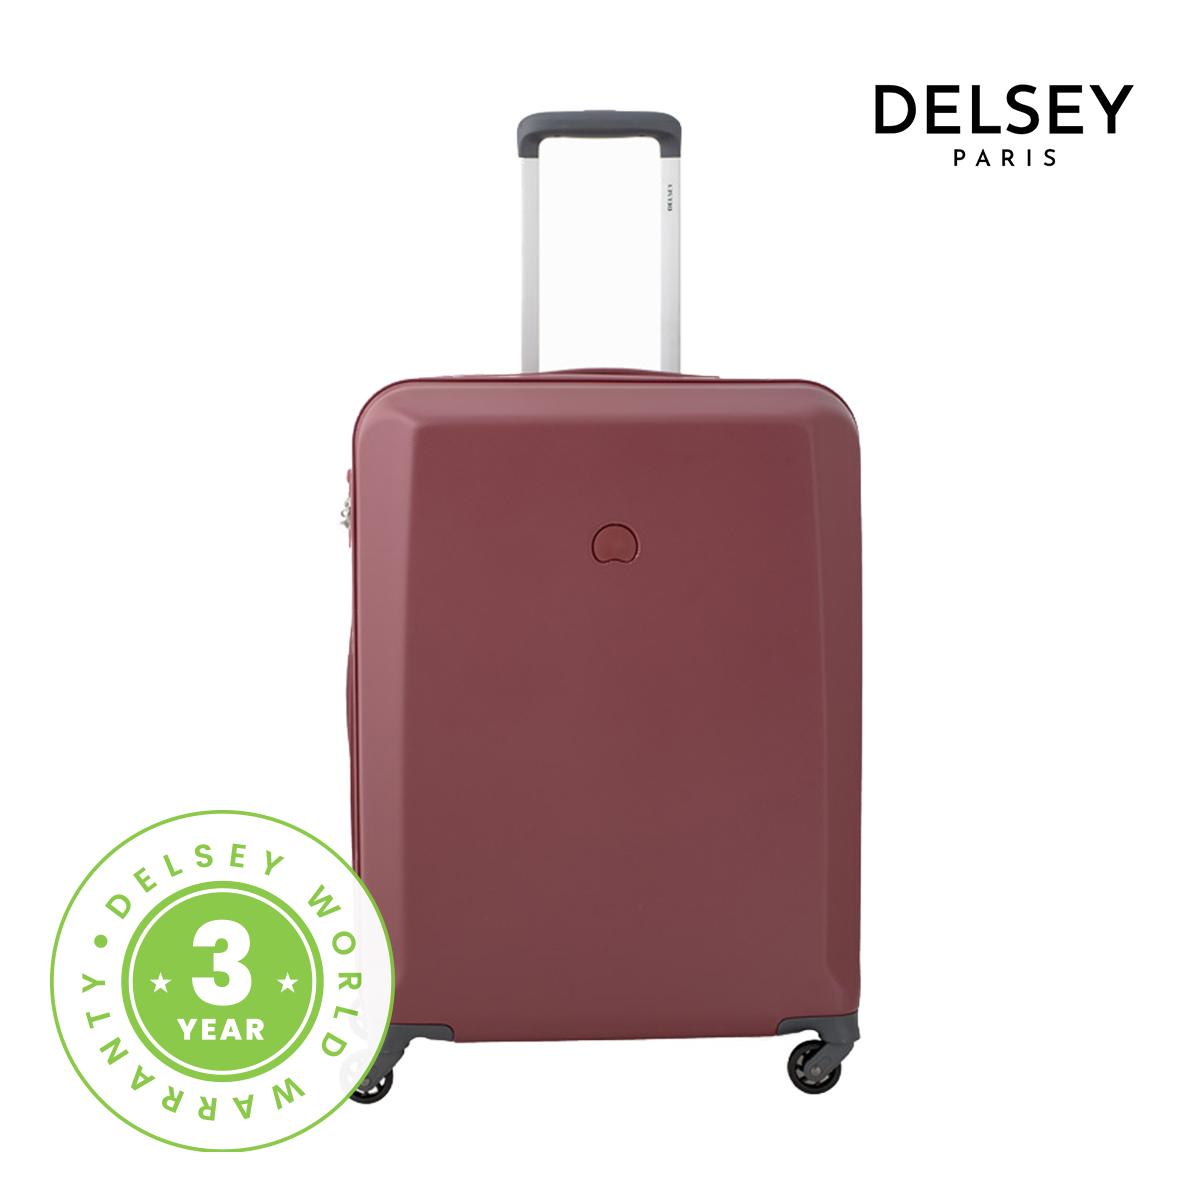 [델시]DELSEY - 필라투스 66/24형 중형 여행용캐리어 하드캐리어